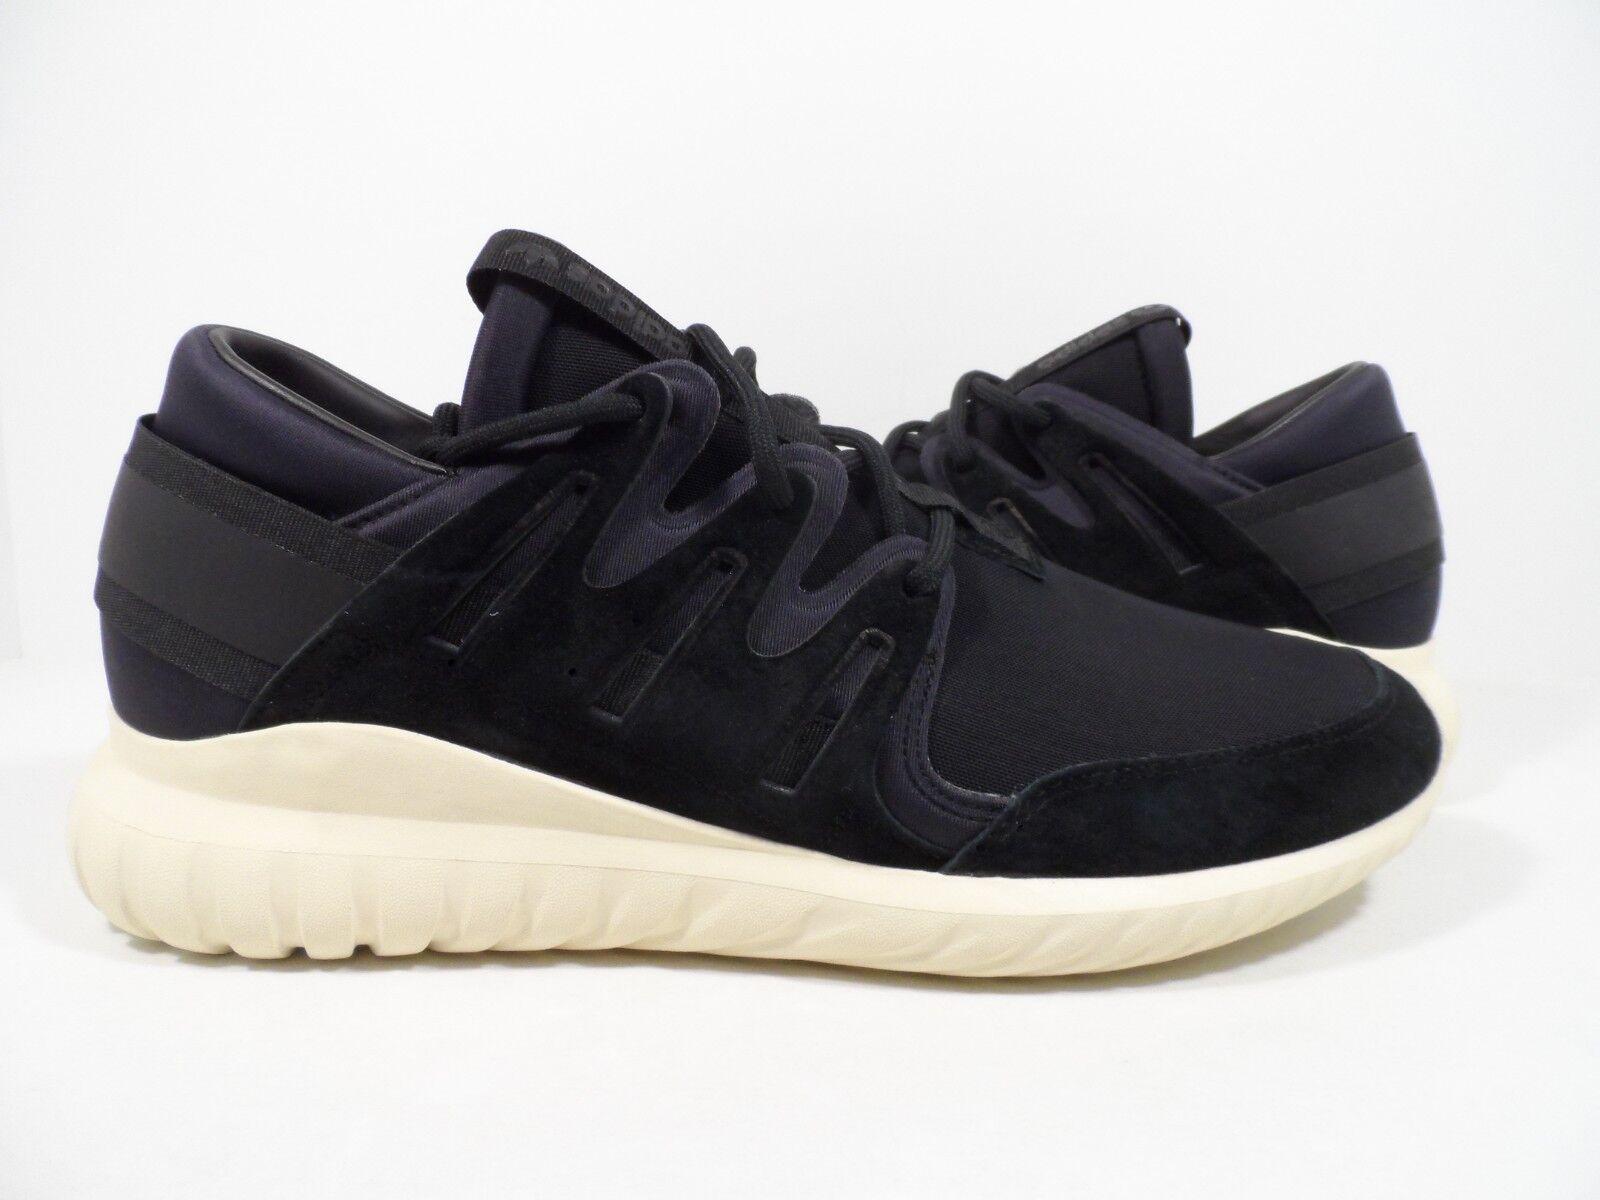 adidas originaux prime les souliers tubulaires de nouvelle prime originaux noir blanc taille 11 b9d15c